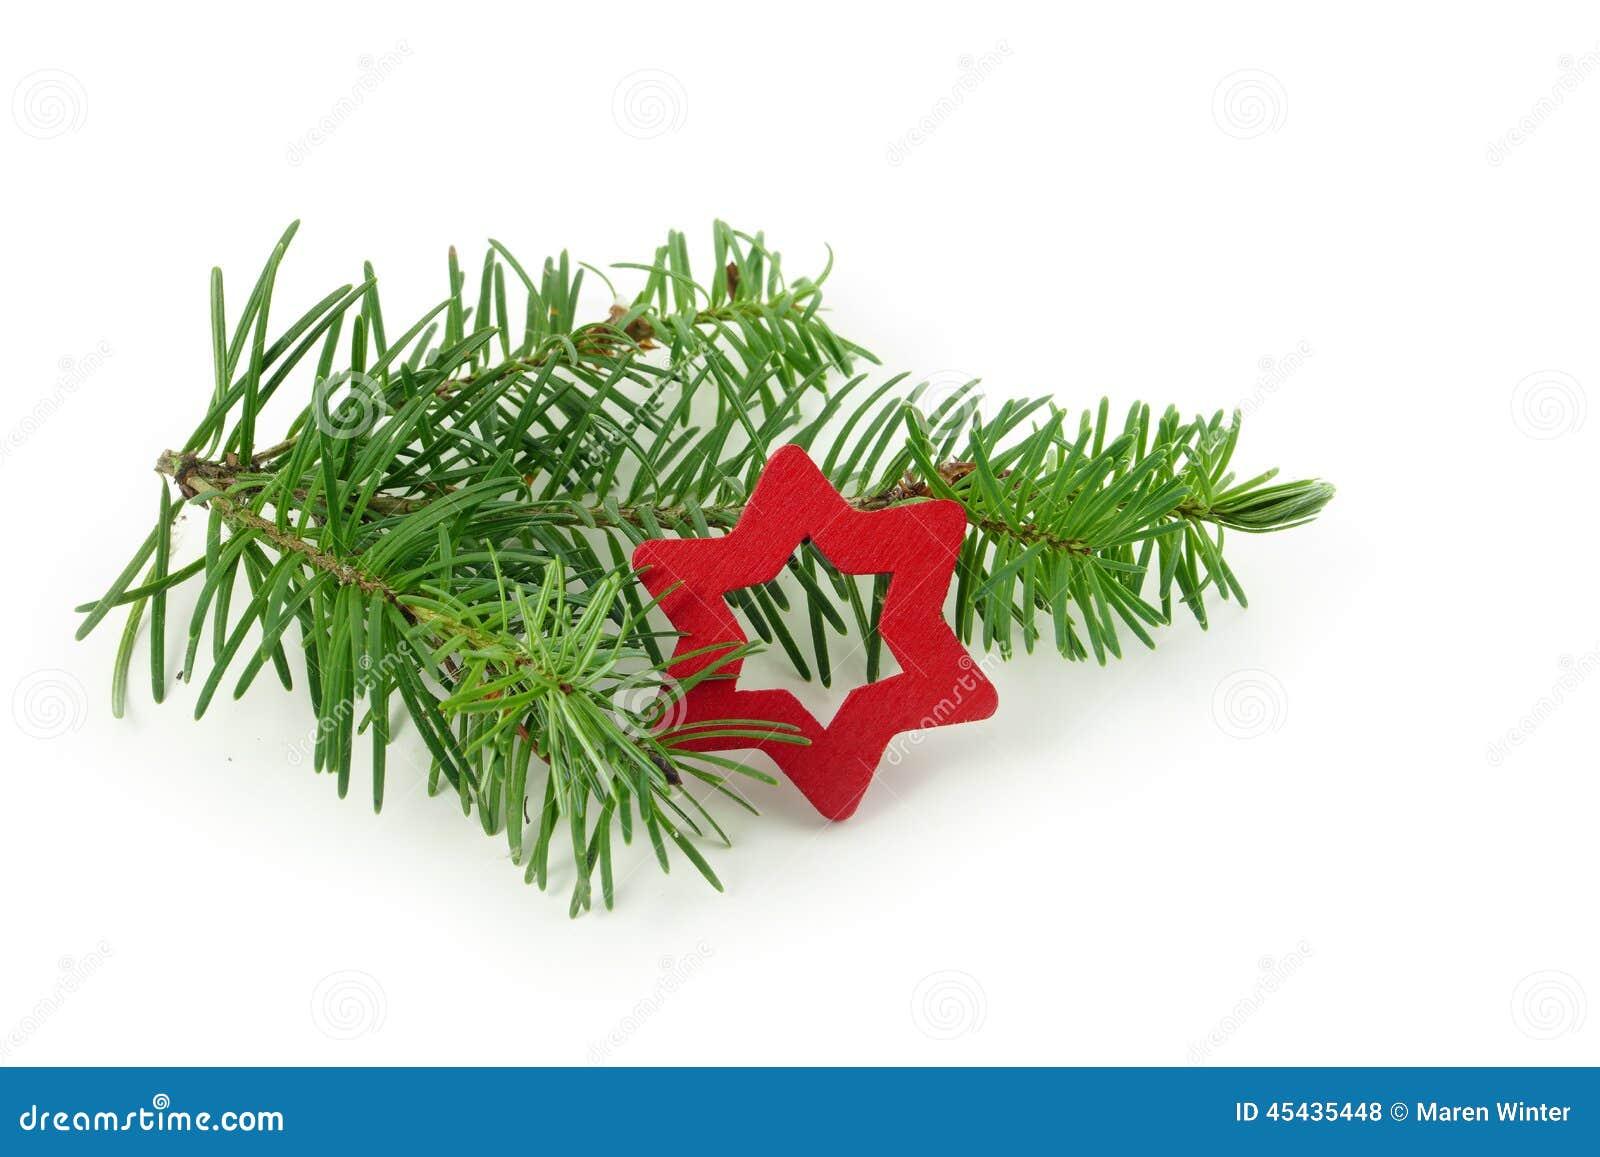 Tannenzweig Mit Dem Kleinen Roten Weihnachtsstern, Lokalisiert Auf ...